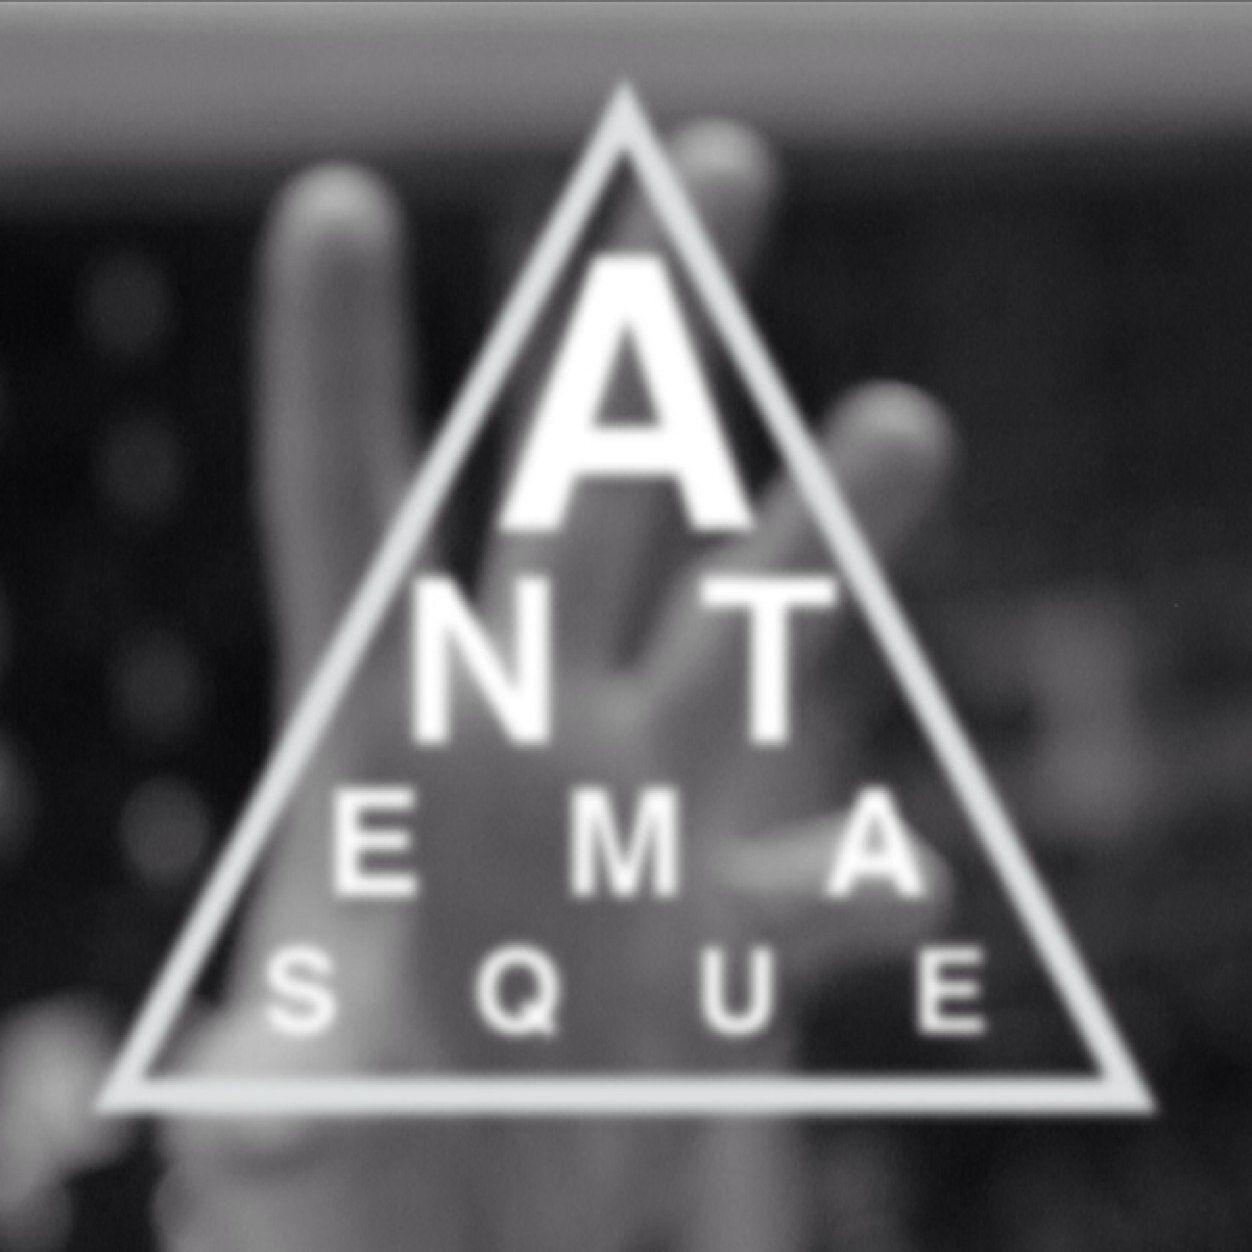 Antemasque